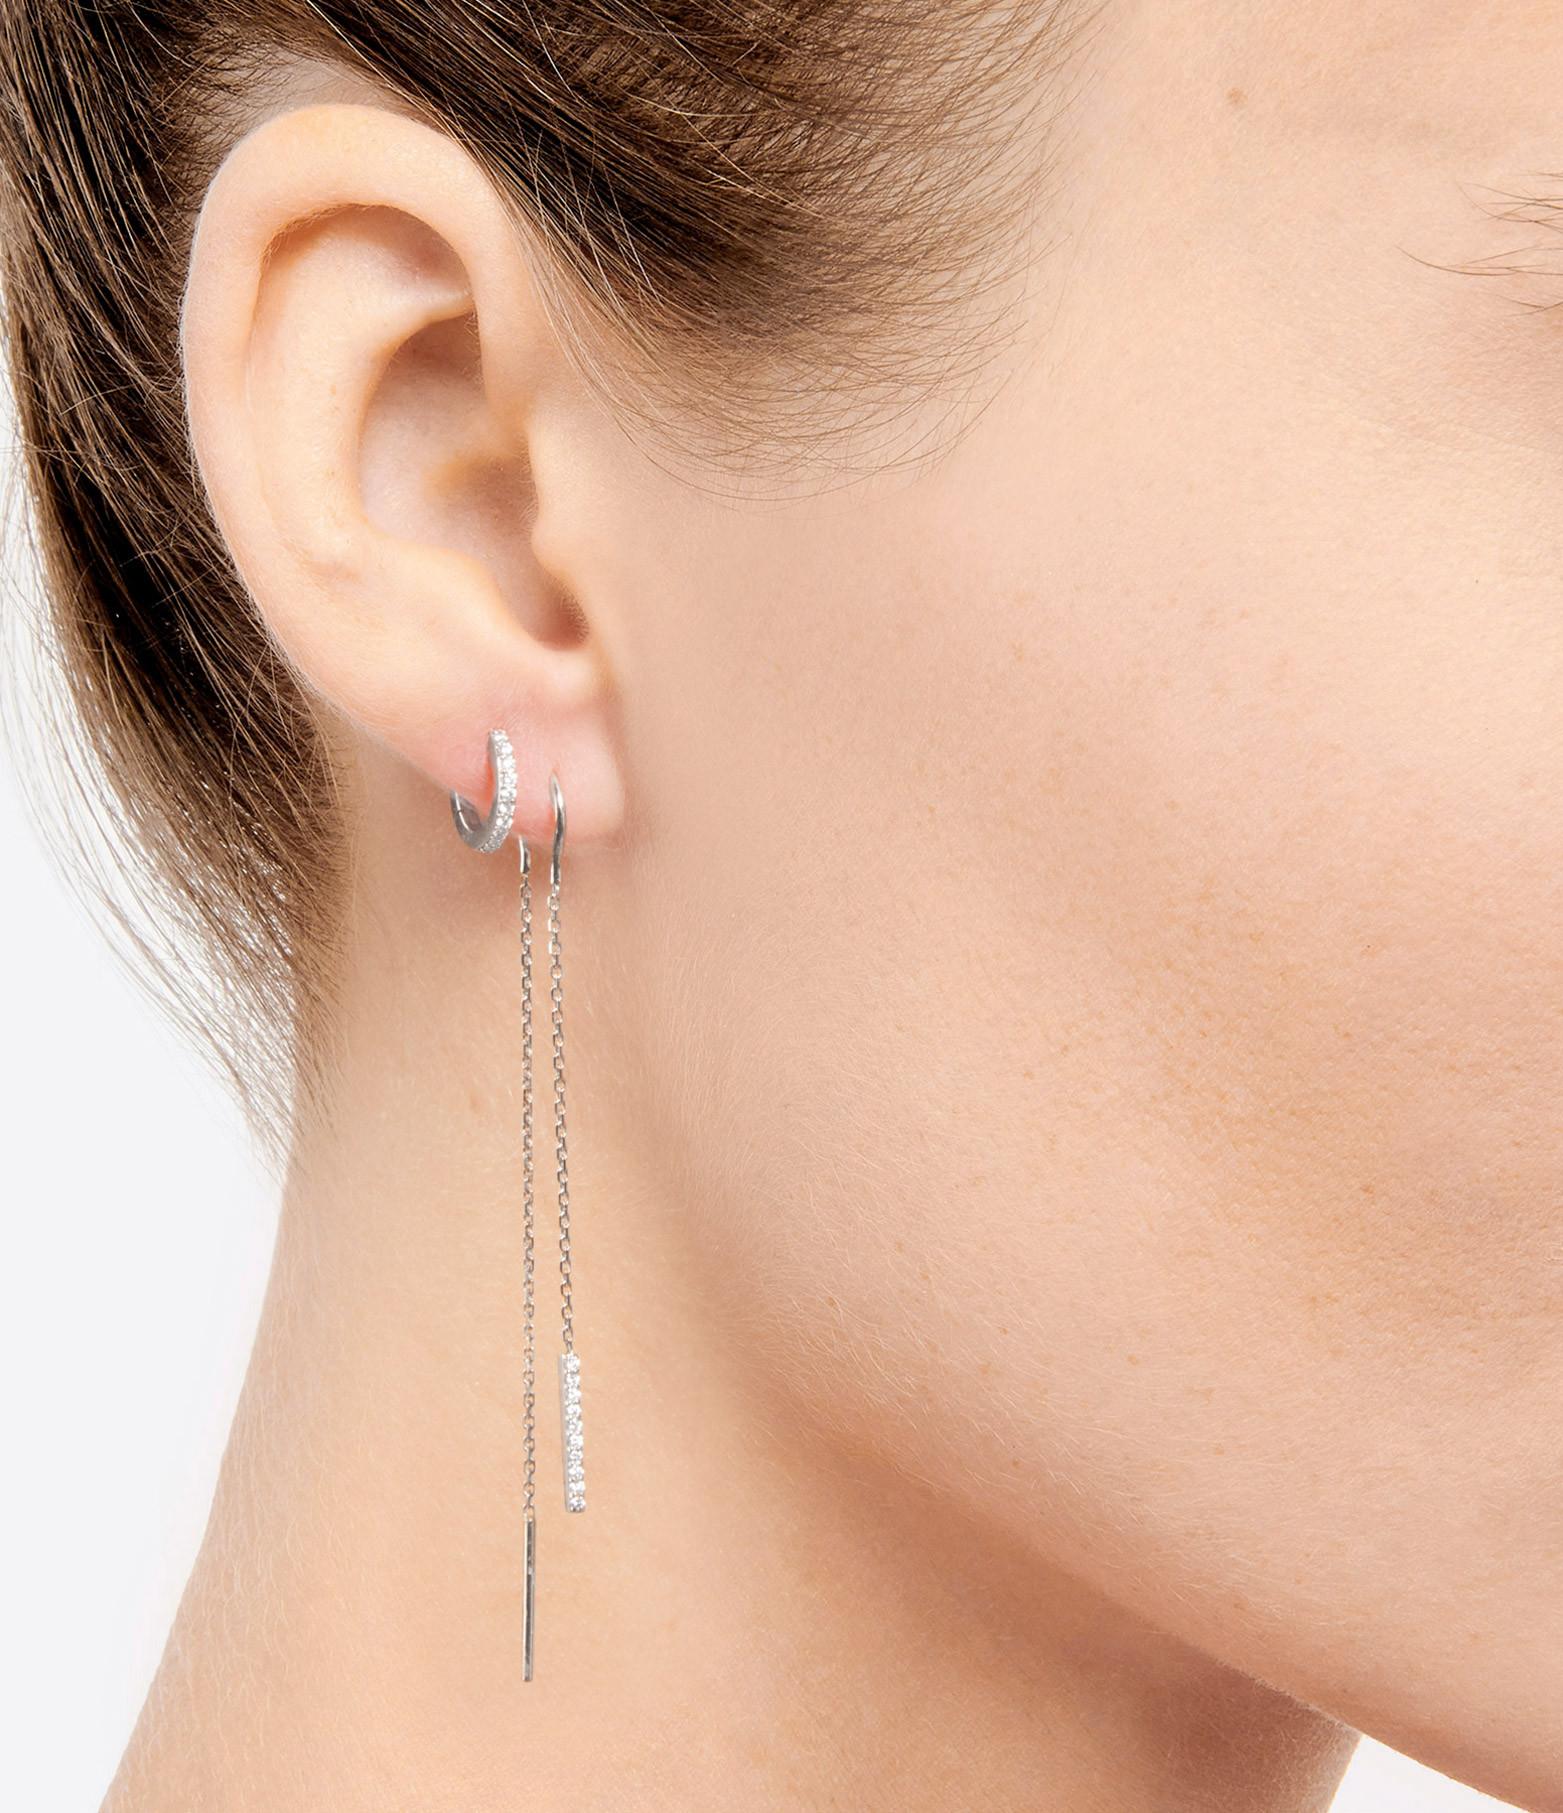 NAVA JOAILLERIE - Boucles d'oreilles Barrette Chaîne Hash Or Blanc